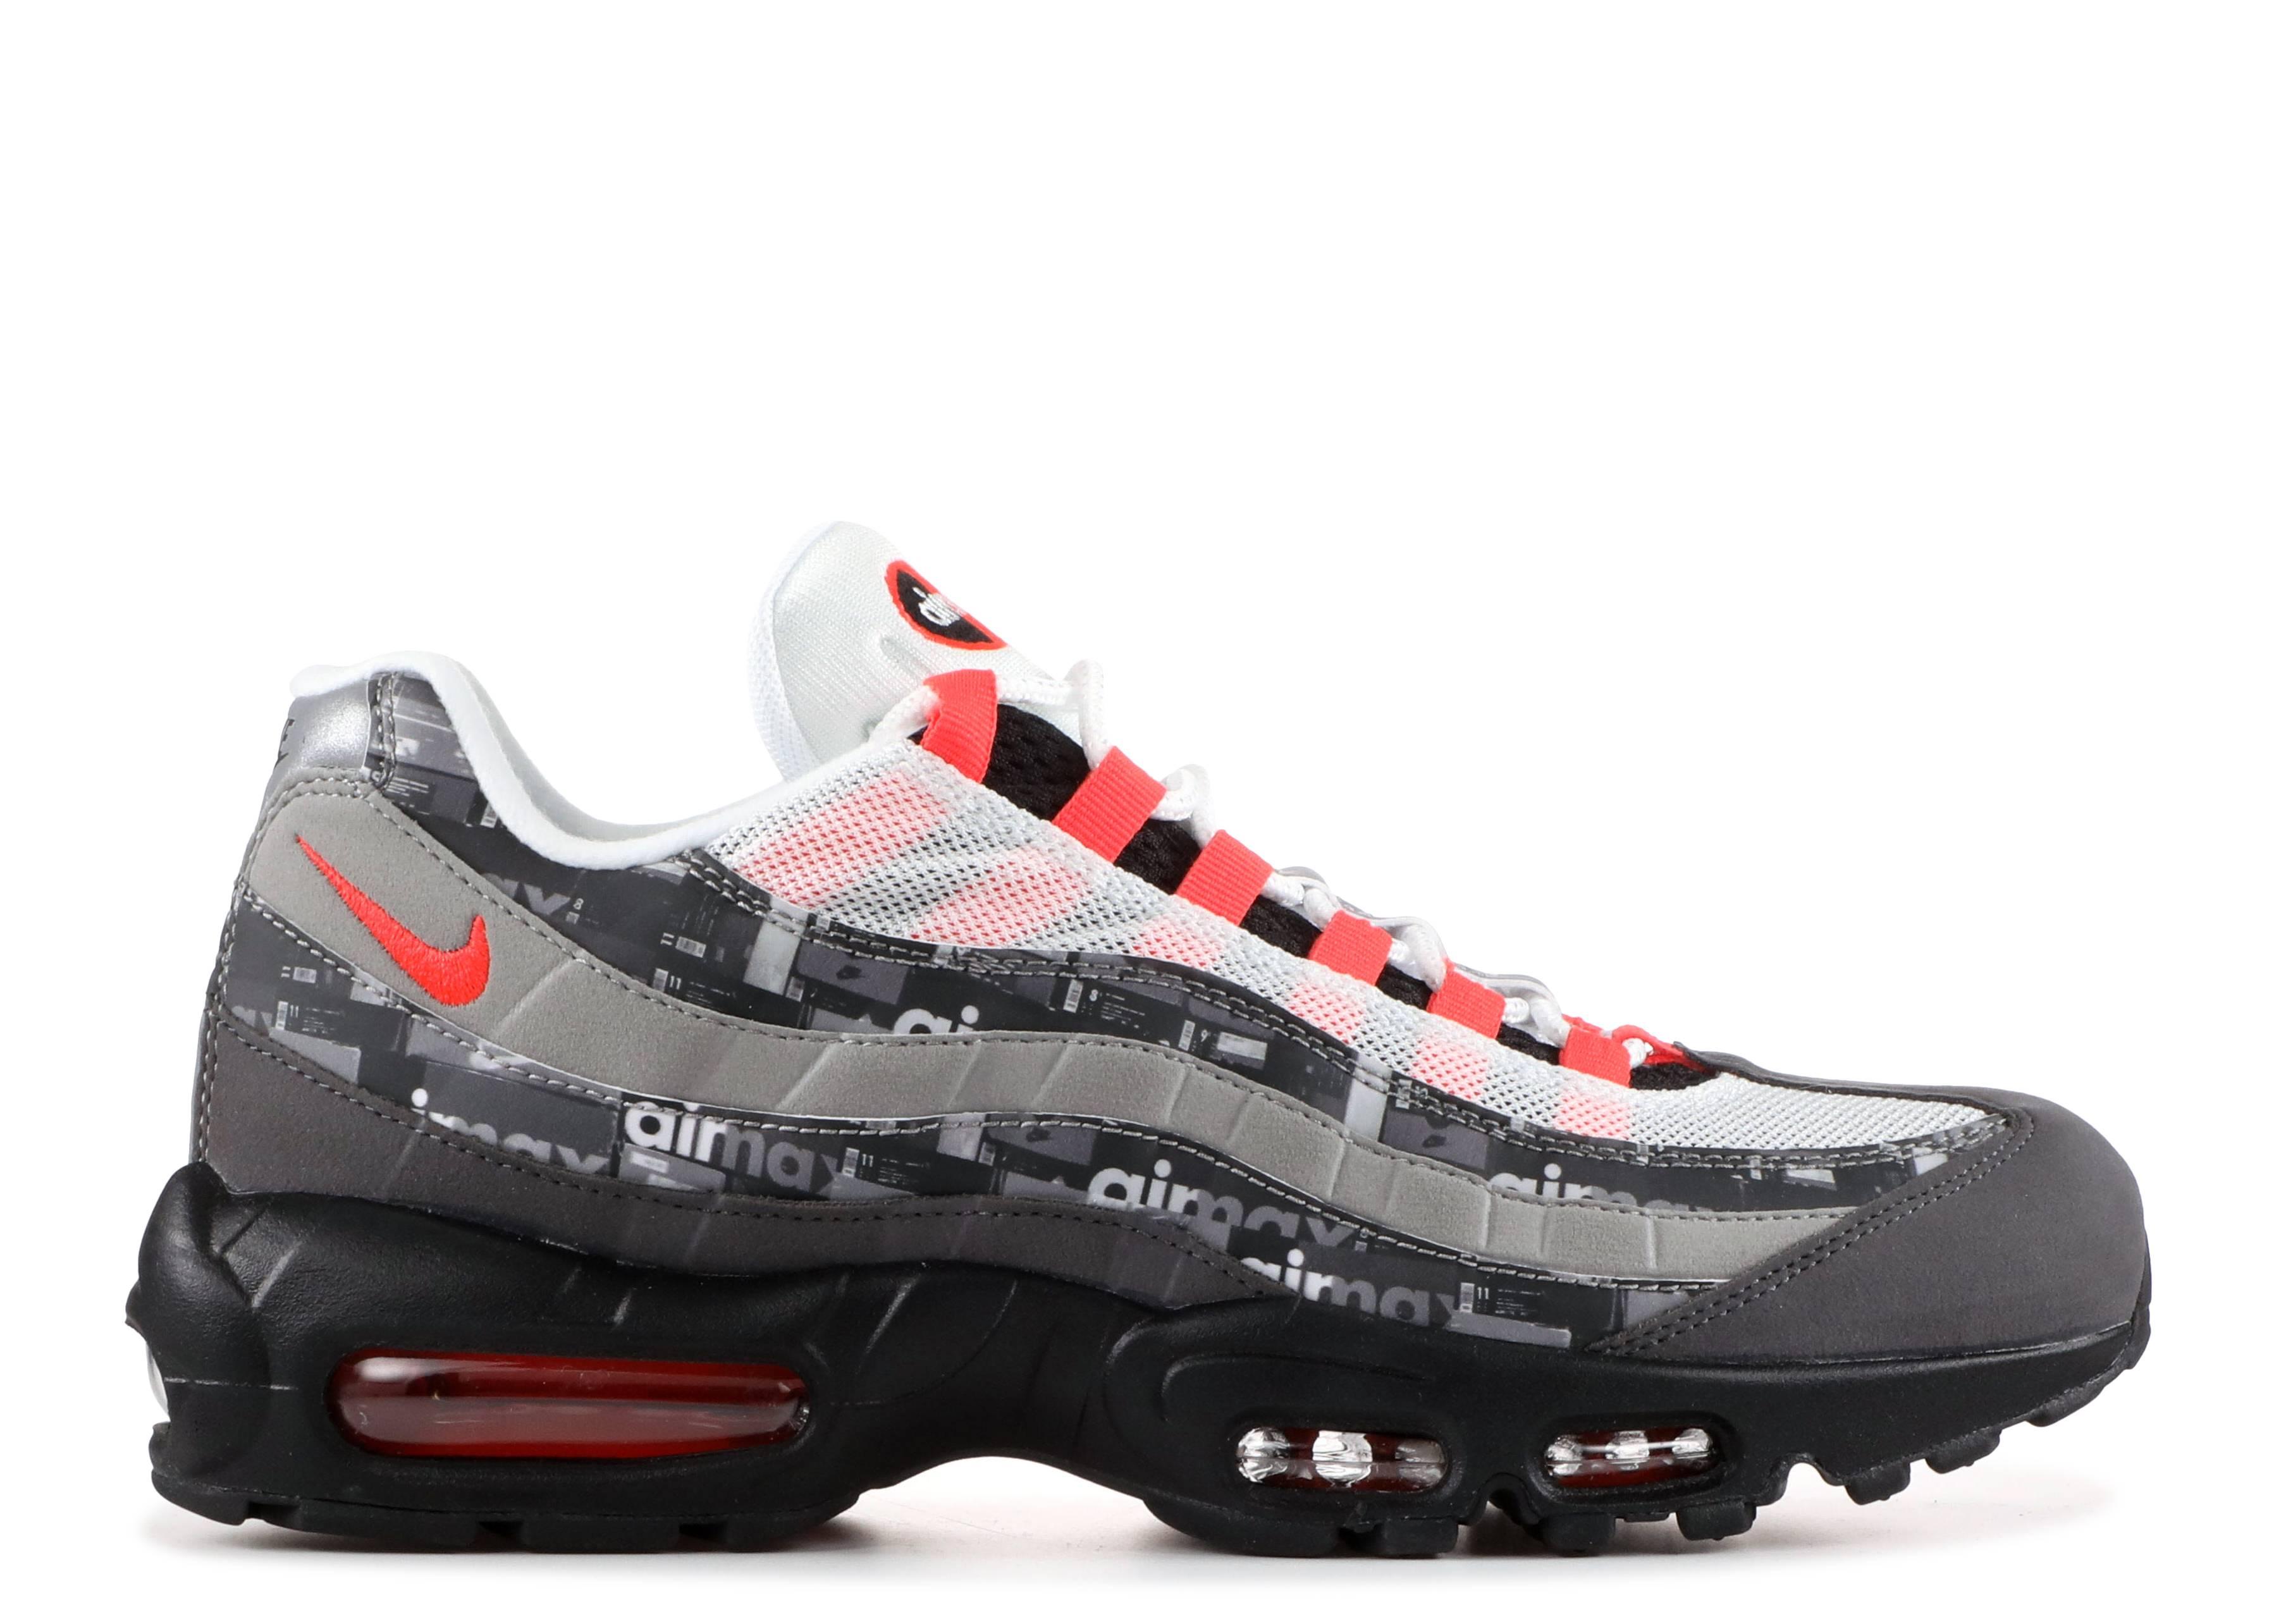 Atmos x Air Max 95 'We Love Nike'